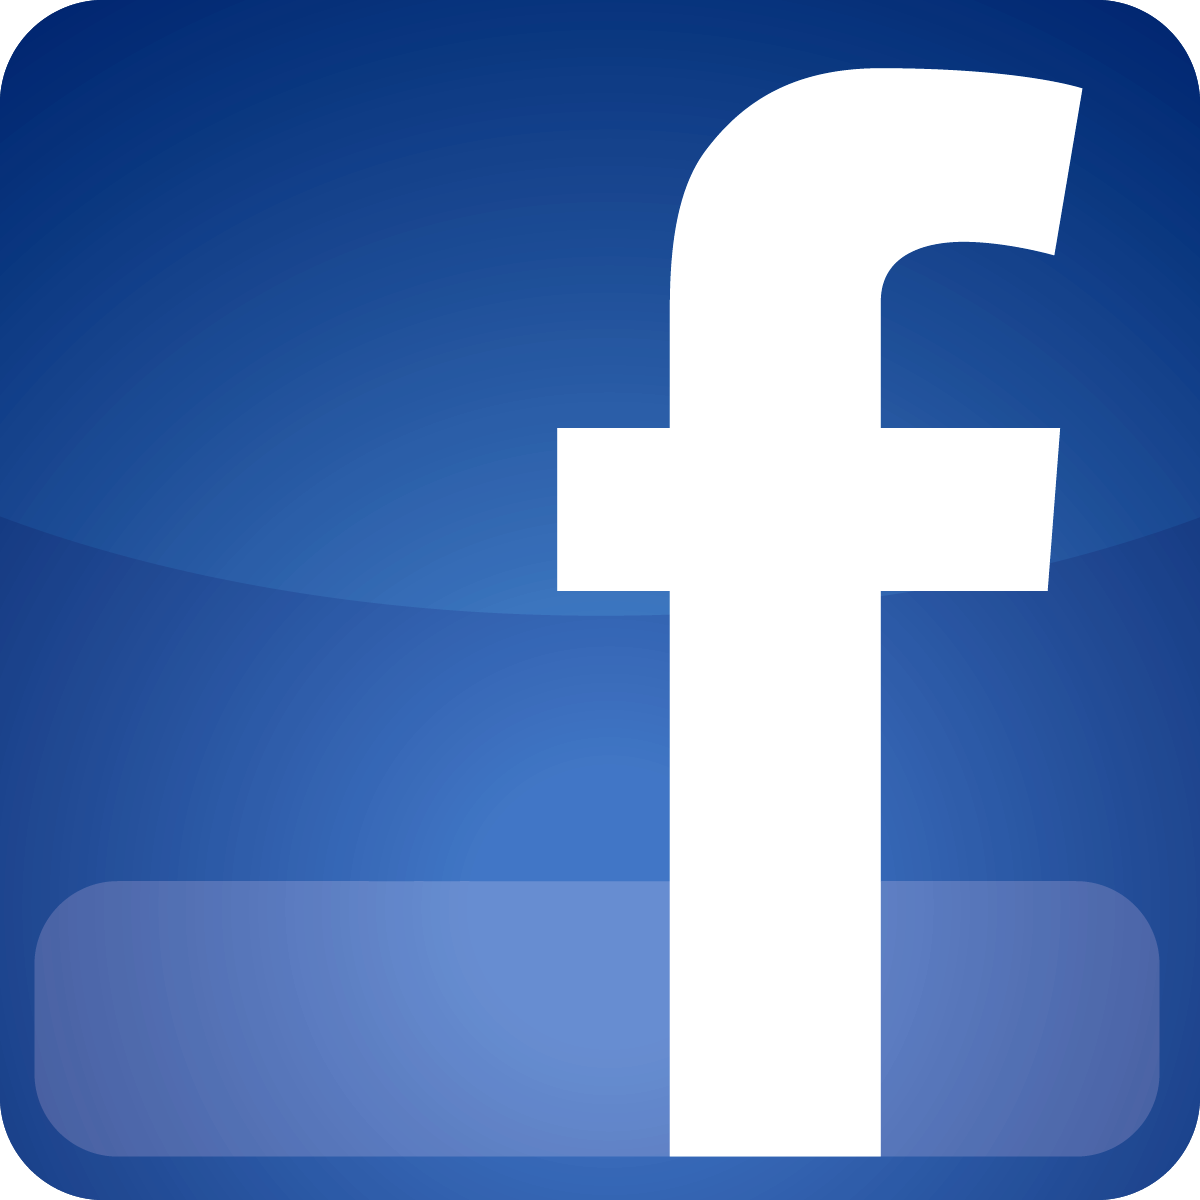 Glassy Facebook Logo Png Blue  image #8